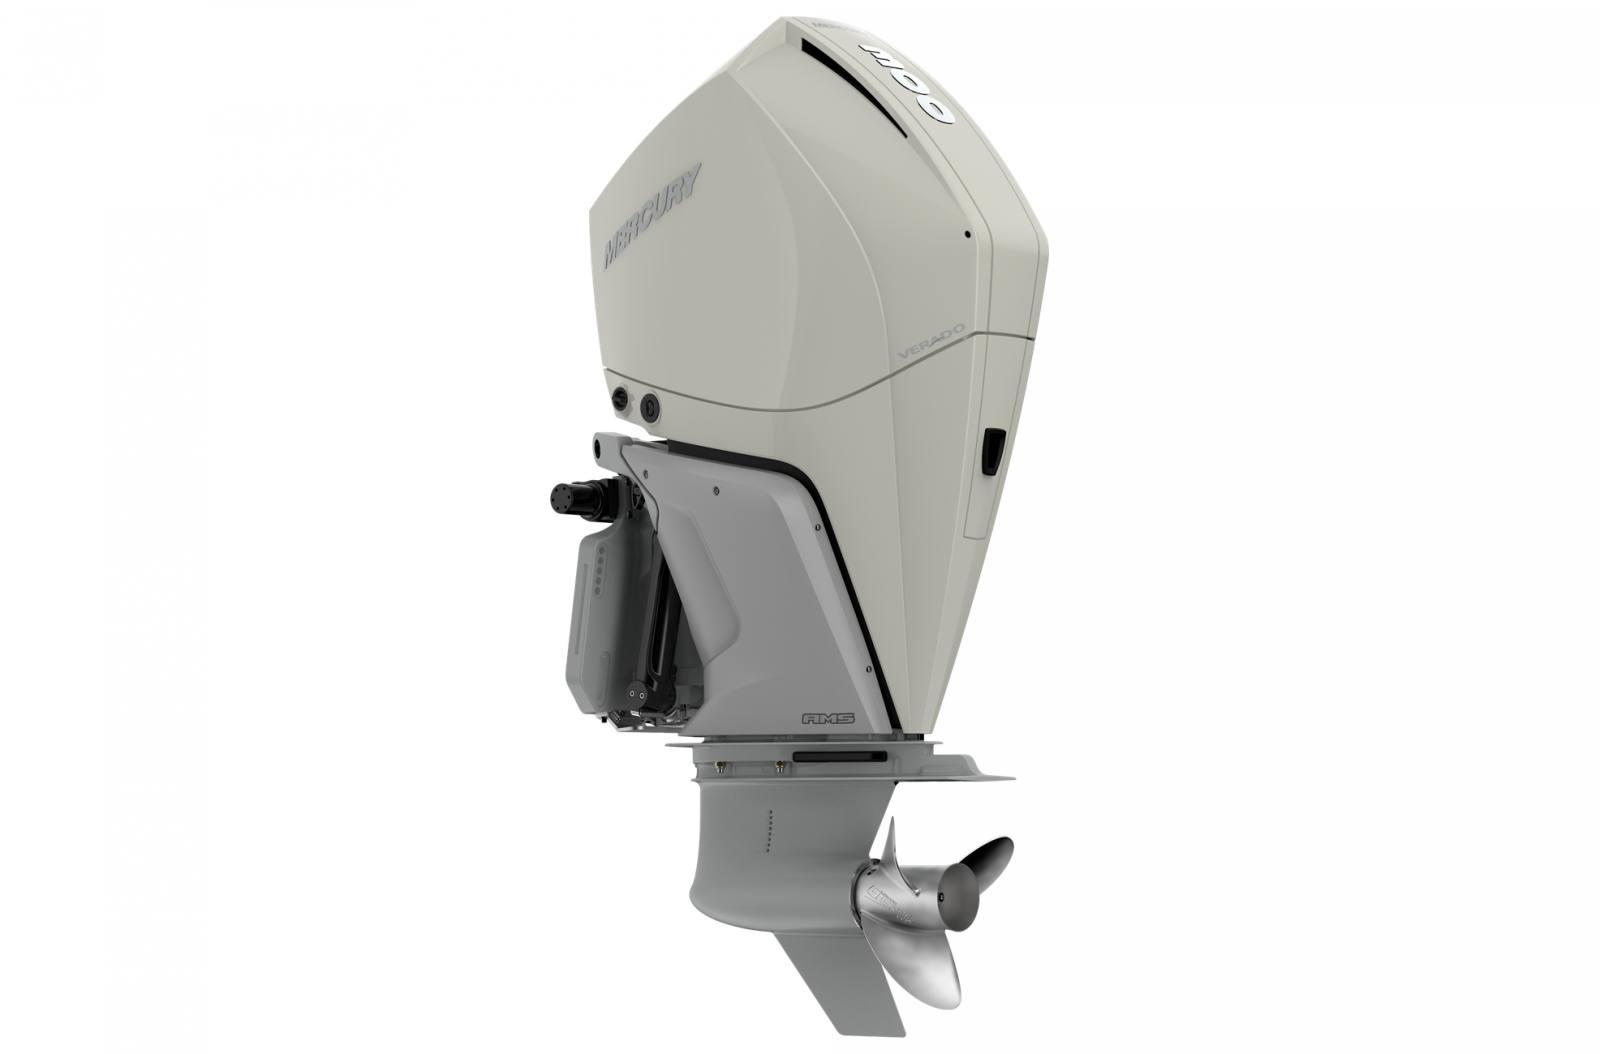 2018 Mercury Verado® V-8 300 HP - 20 in Shaft for sale in